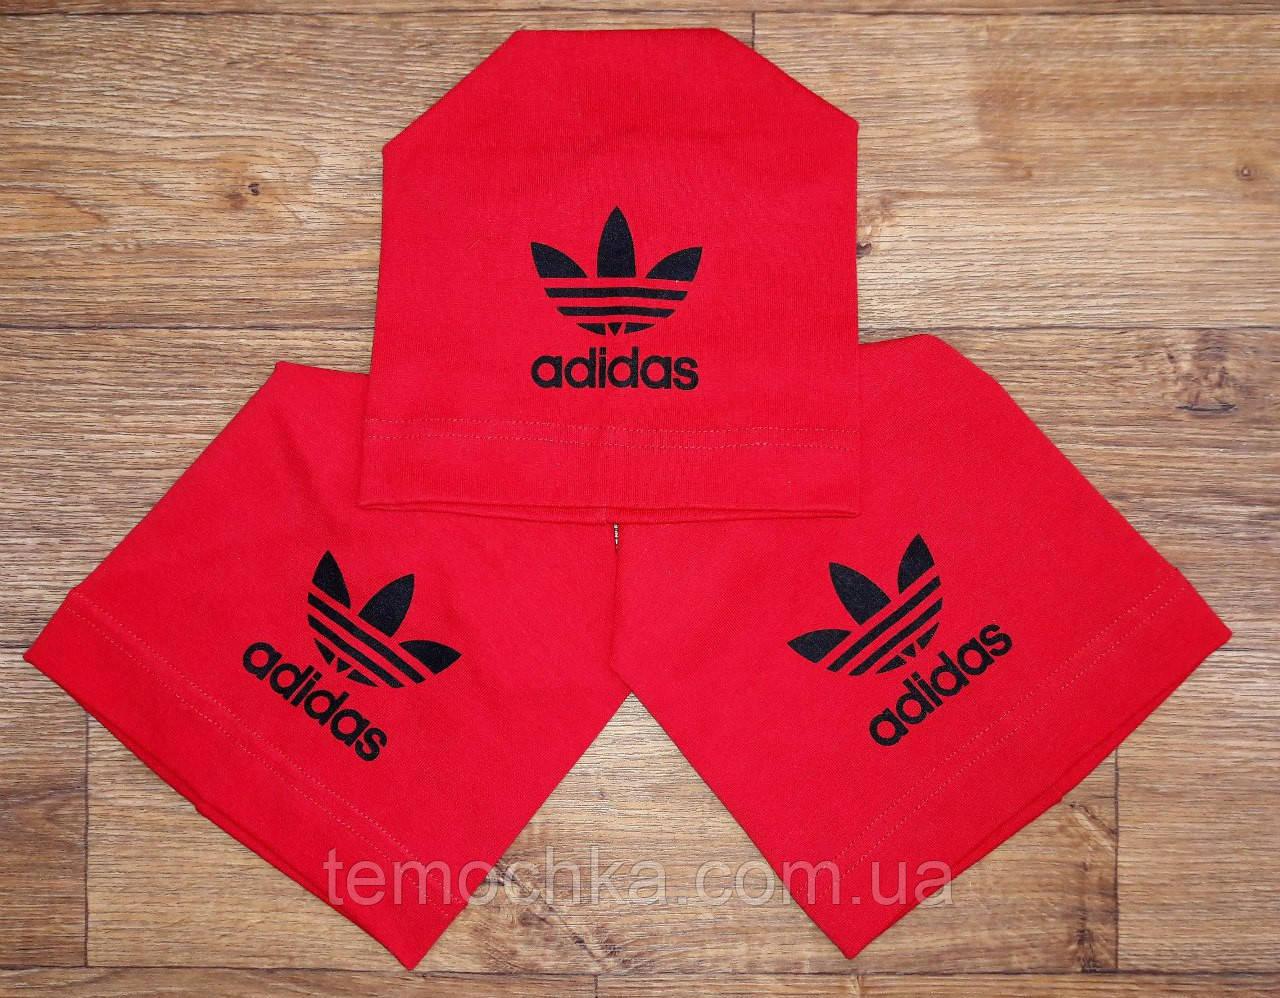 Шапка шапочка красная спортивная детская для мальчика или девочки Адидас Adidas